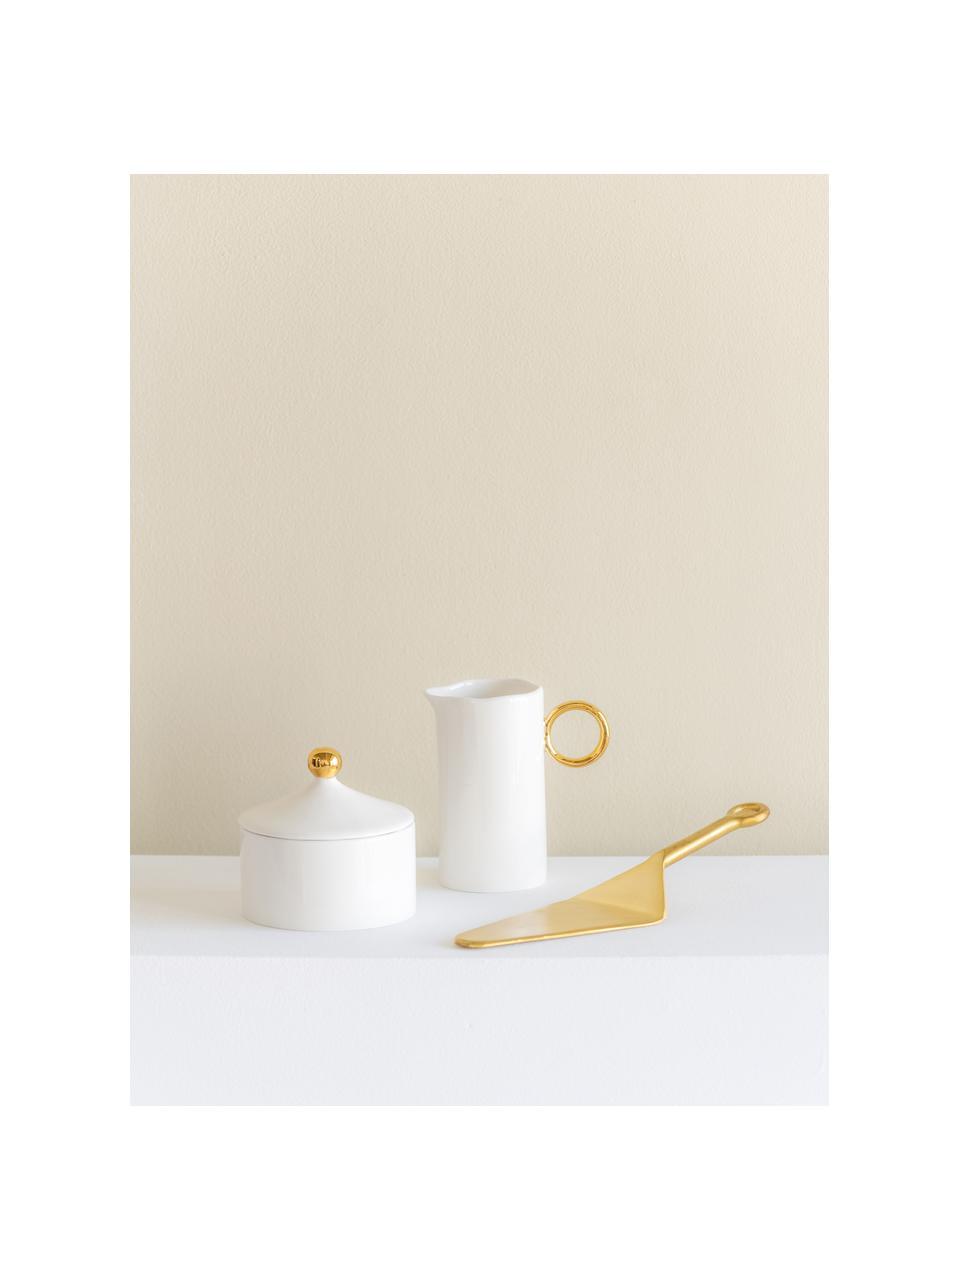 Sucrier Good Morning, Blanc, couleur dorée